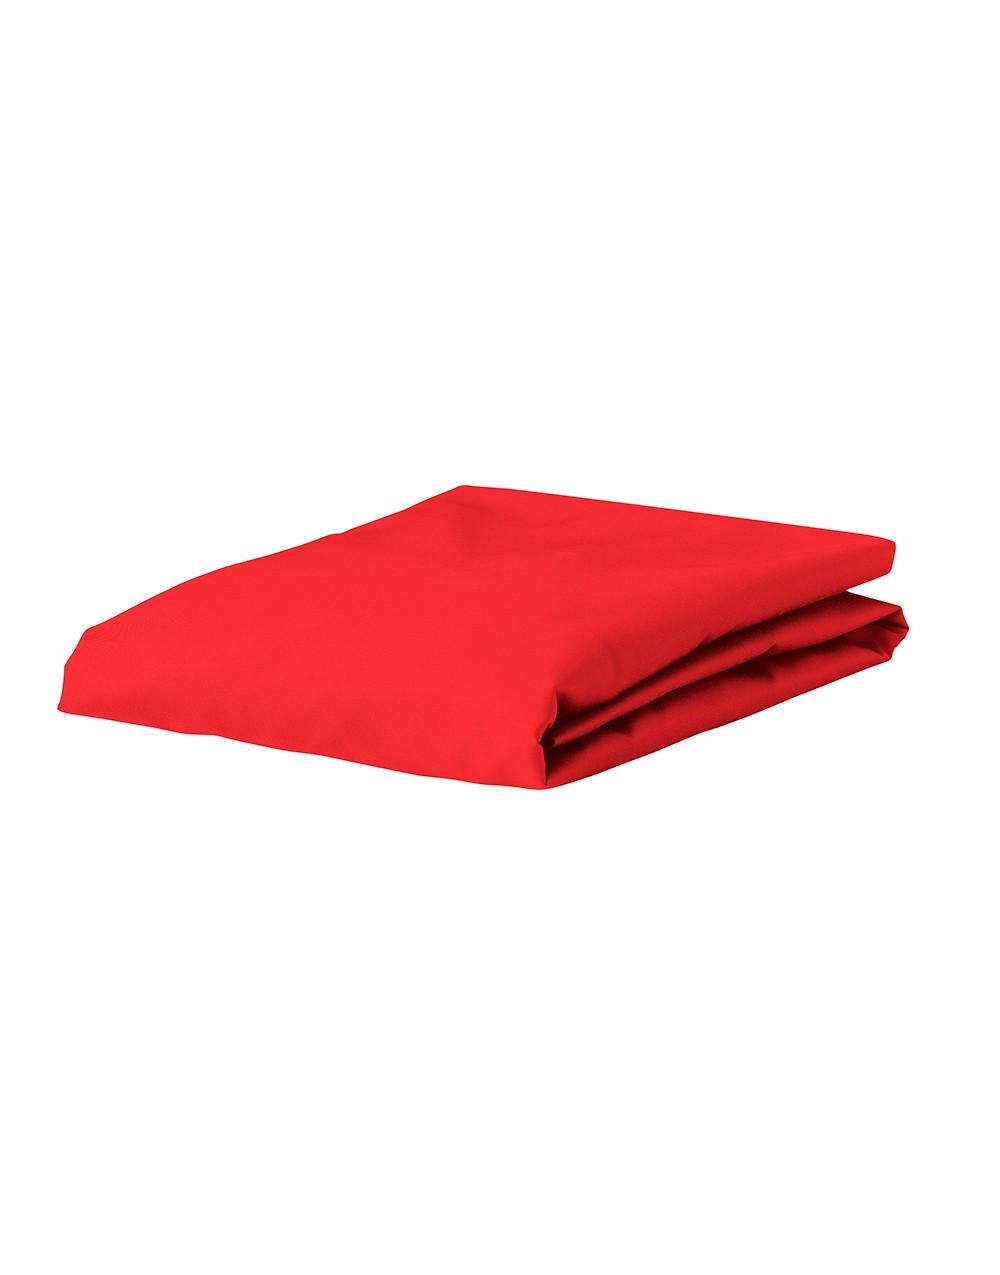 Cearceaf de pat cu elastic Essenza Mako Jersey 140/160x200/220cm 140 gr/m2 rosu imagine